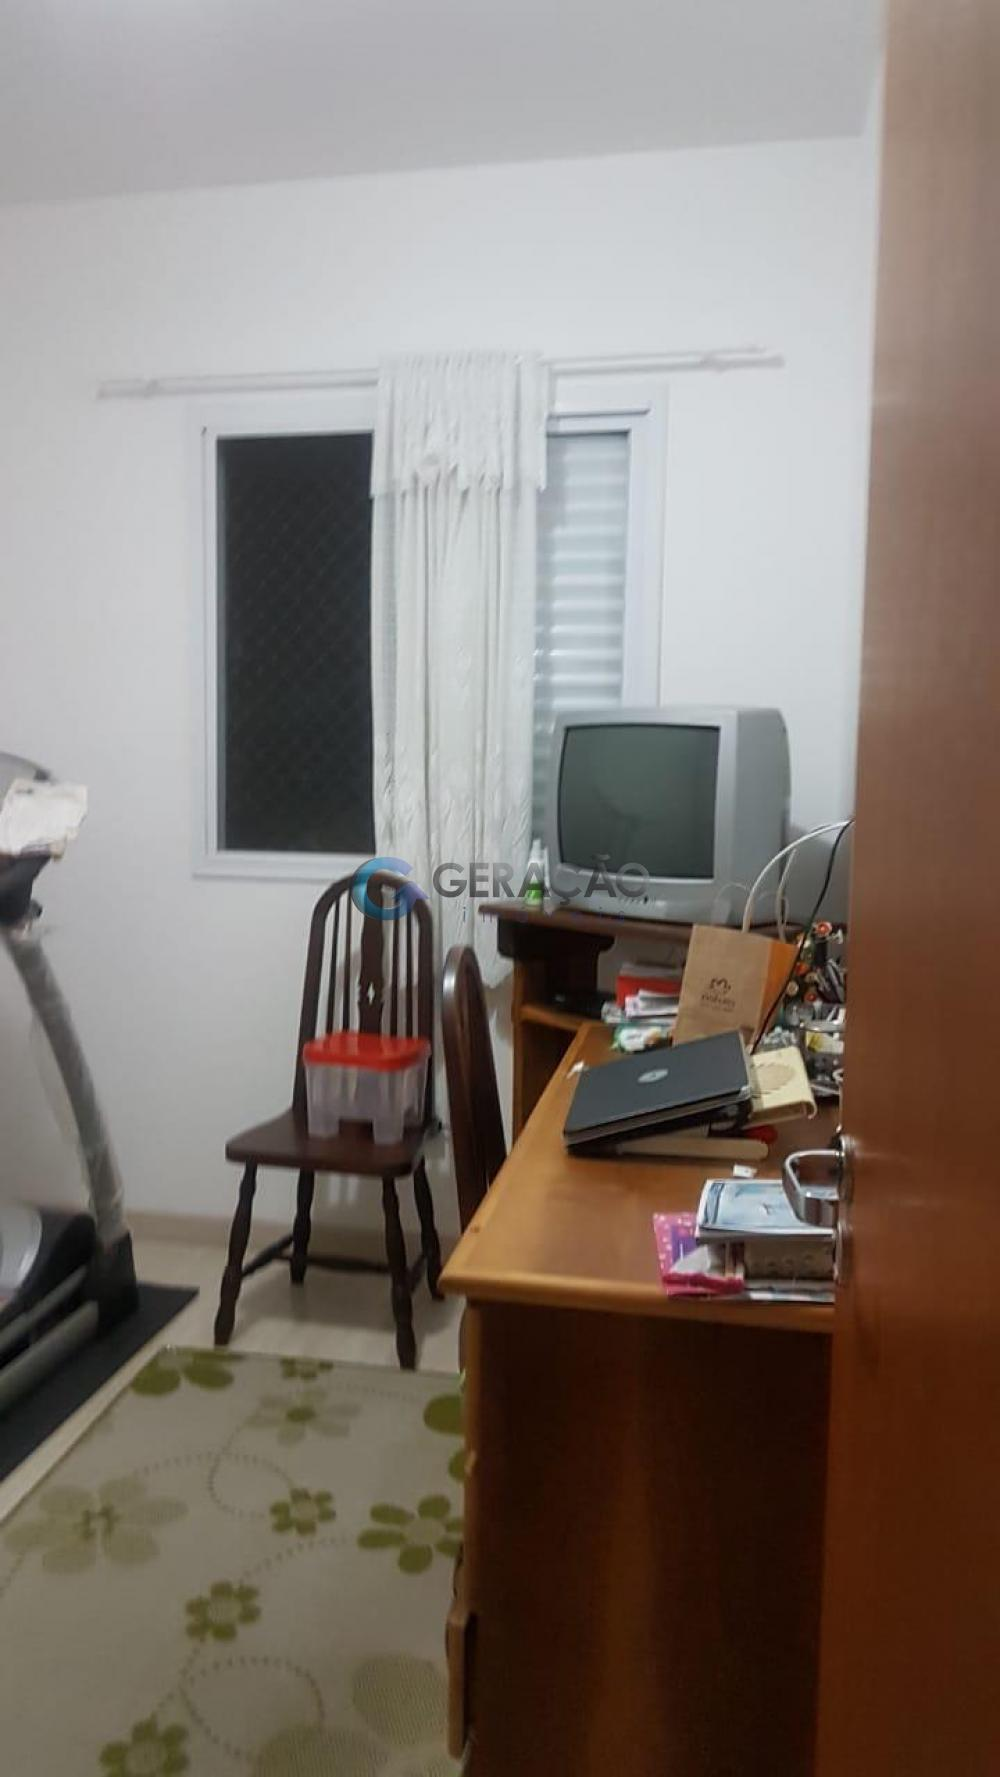 Comprar Apartamento / Padrão em São José dos Campos R$ 340.000,00 - Foto 12